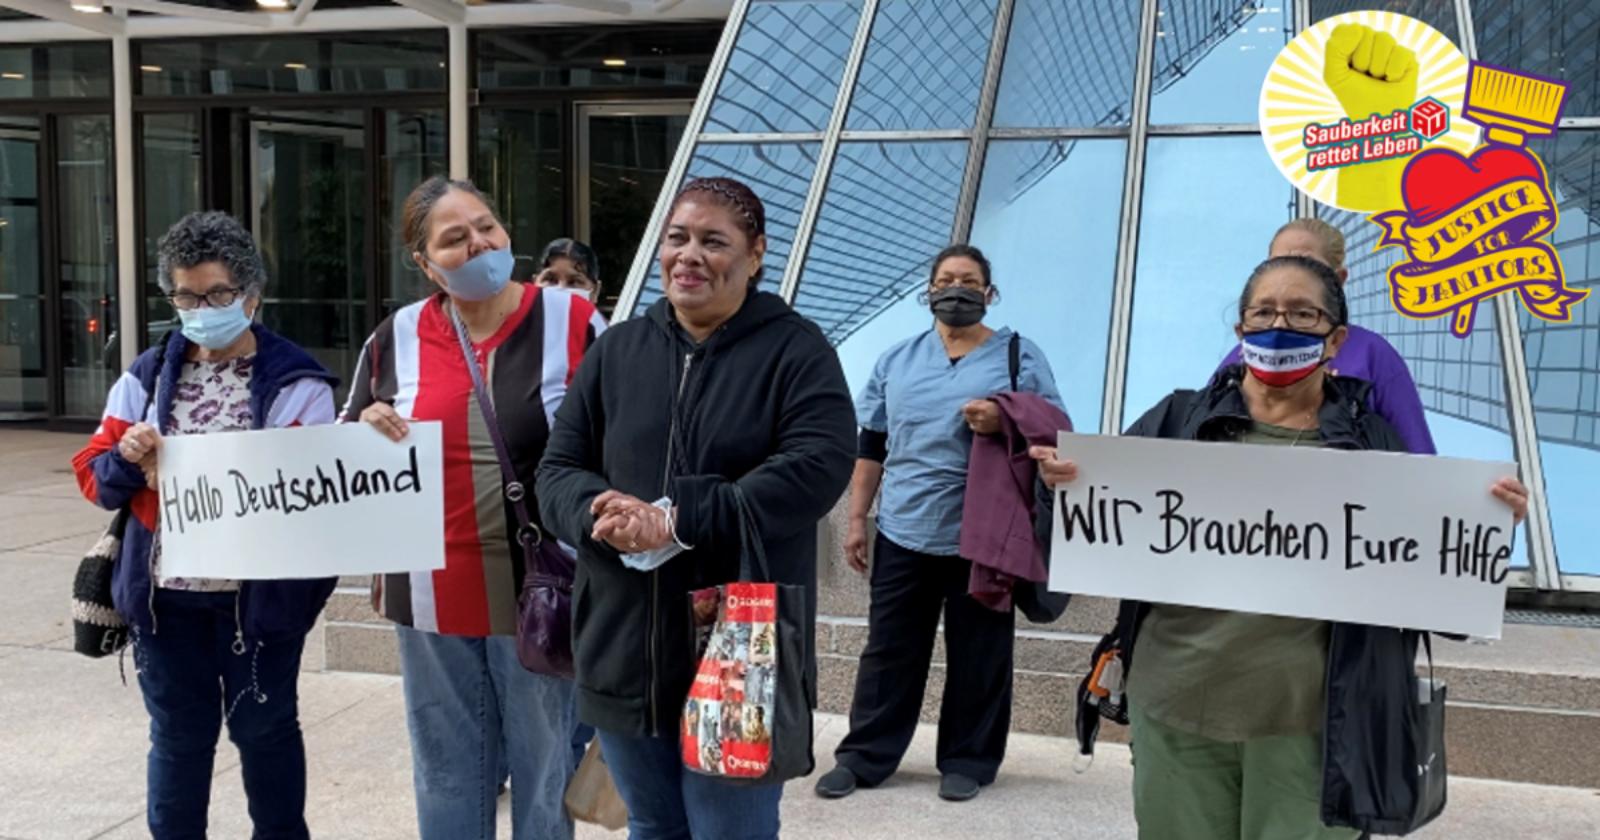 Online-Petition: Reinigungskräfte in Houston kämpfen für ihr Recht - Du kannst helfen!